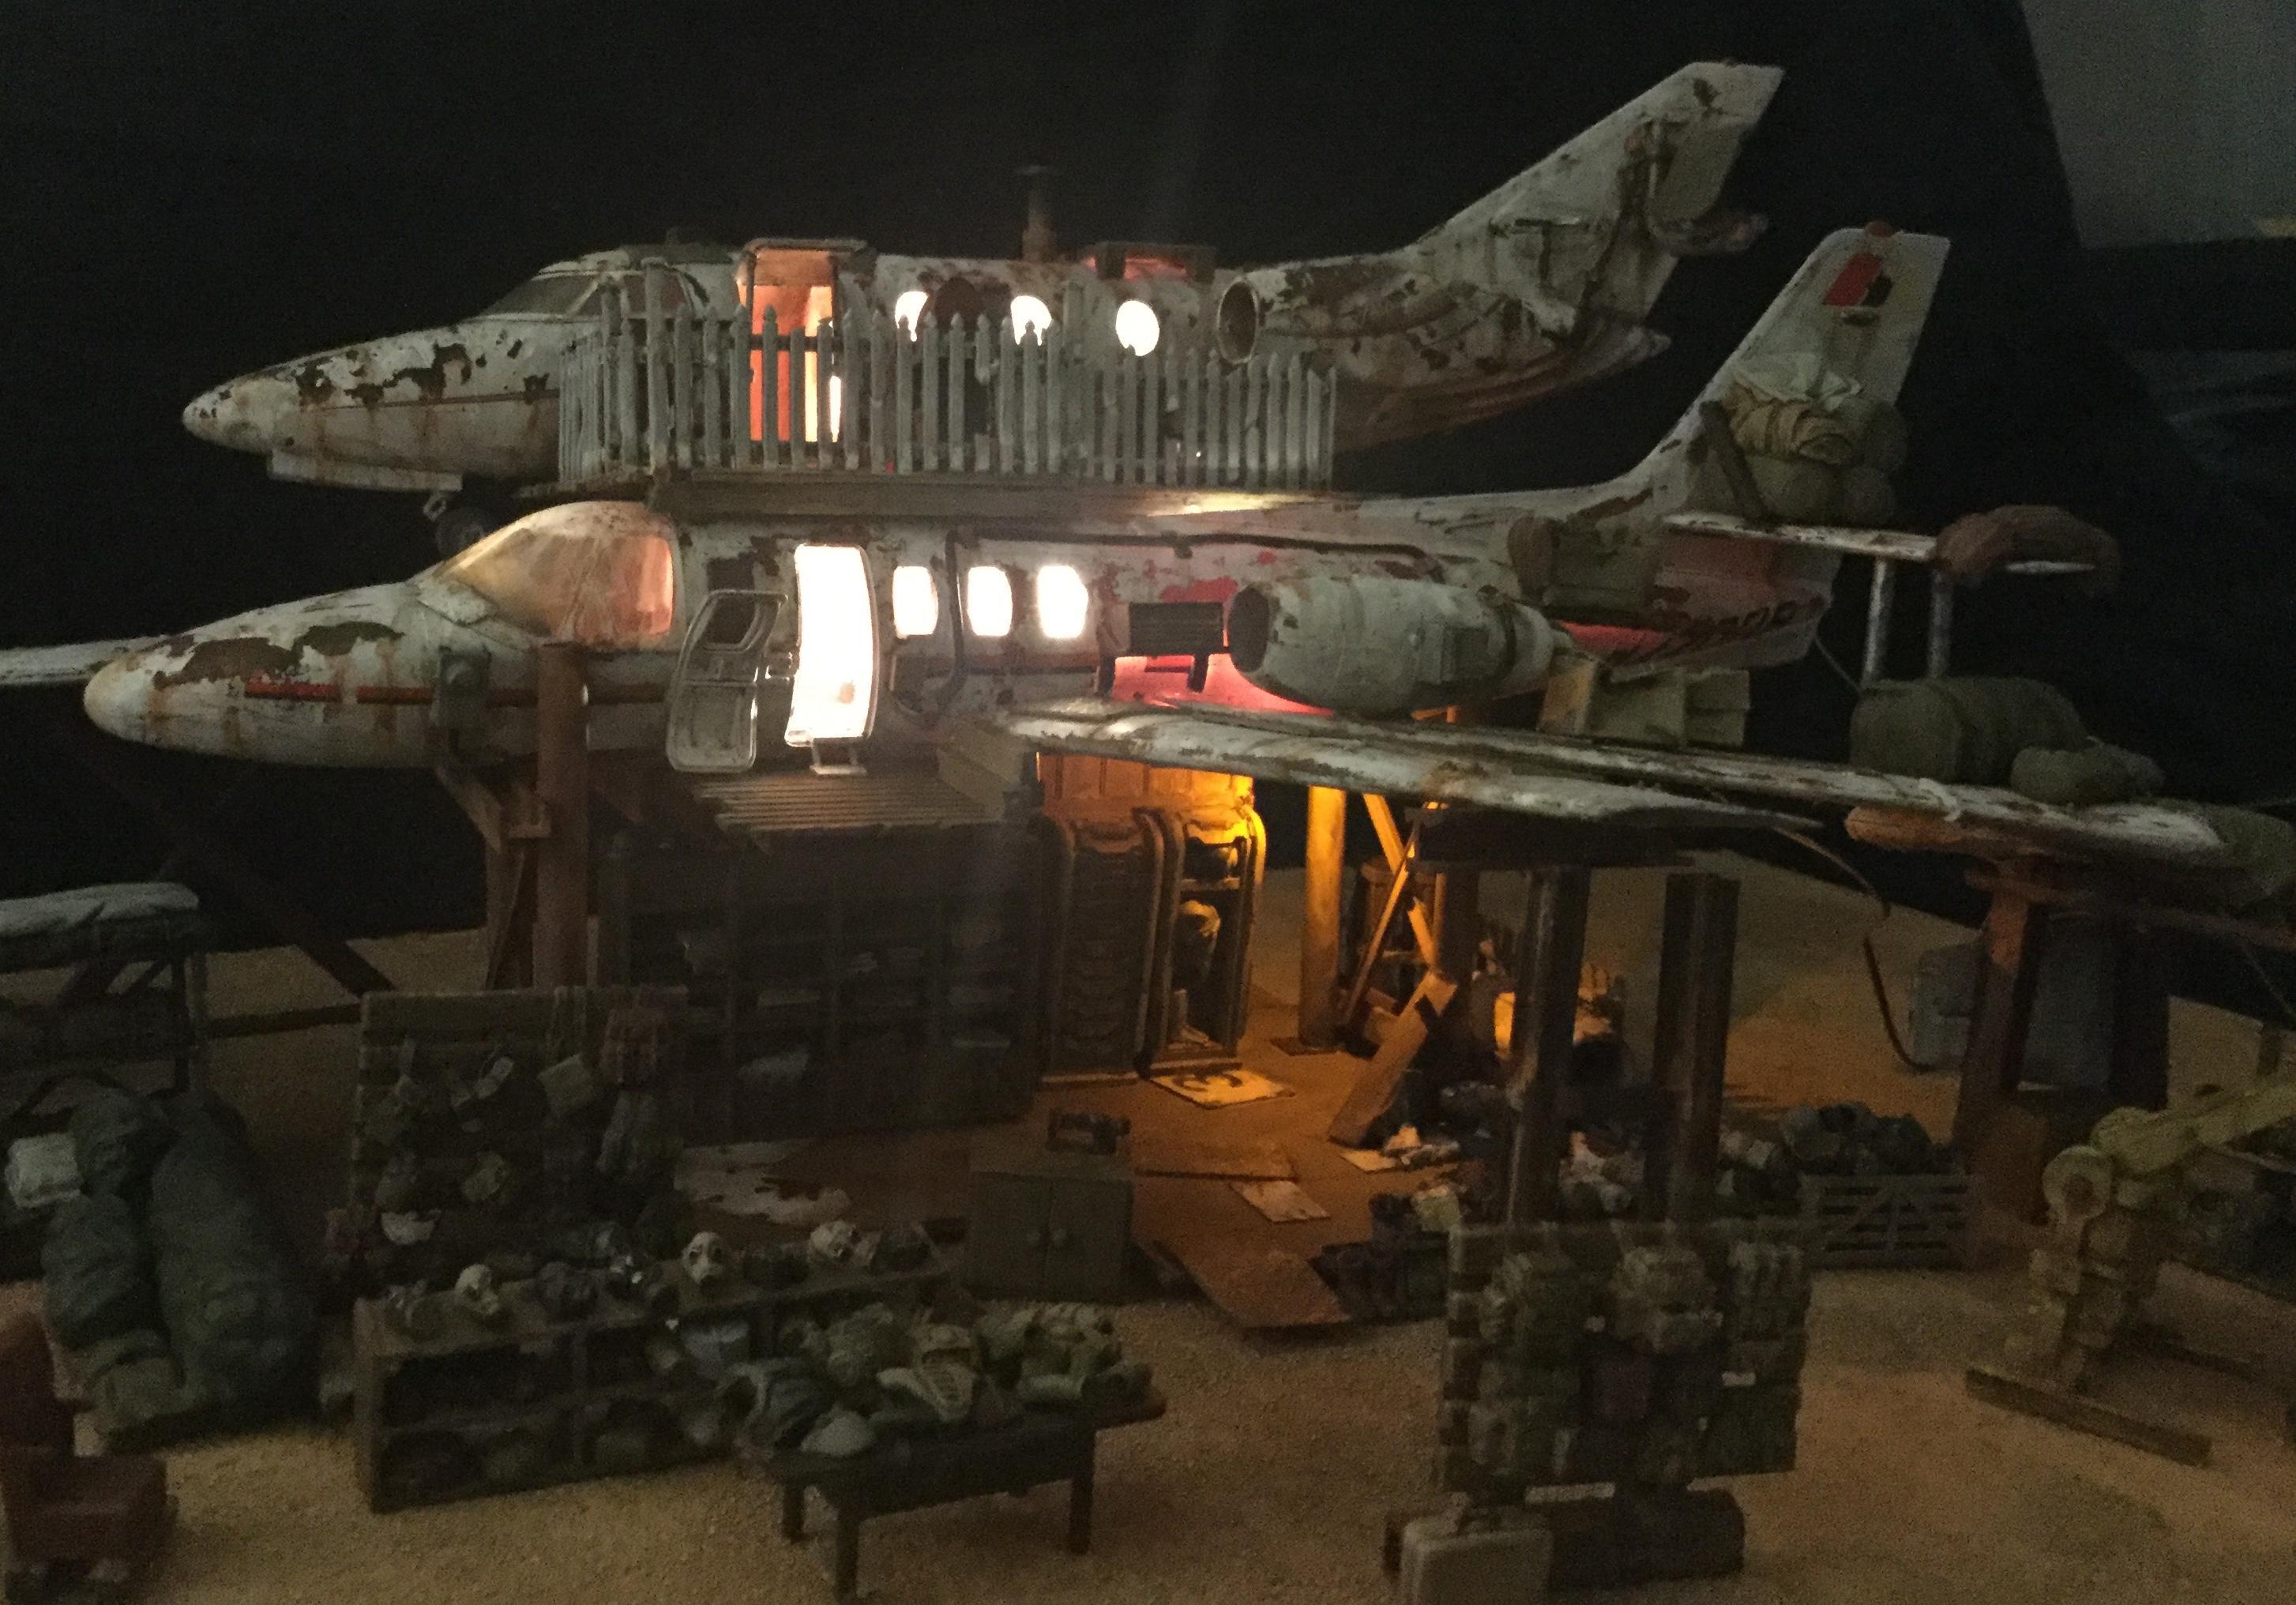 Airplane, Shop, Wastelands, Wreckage